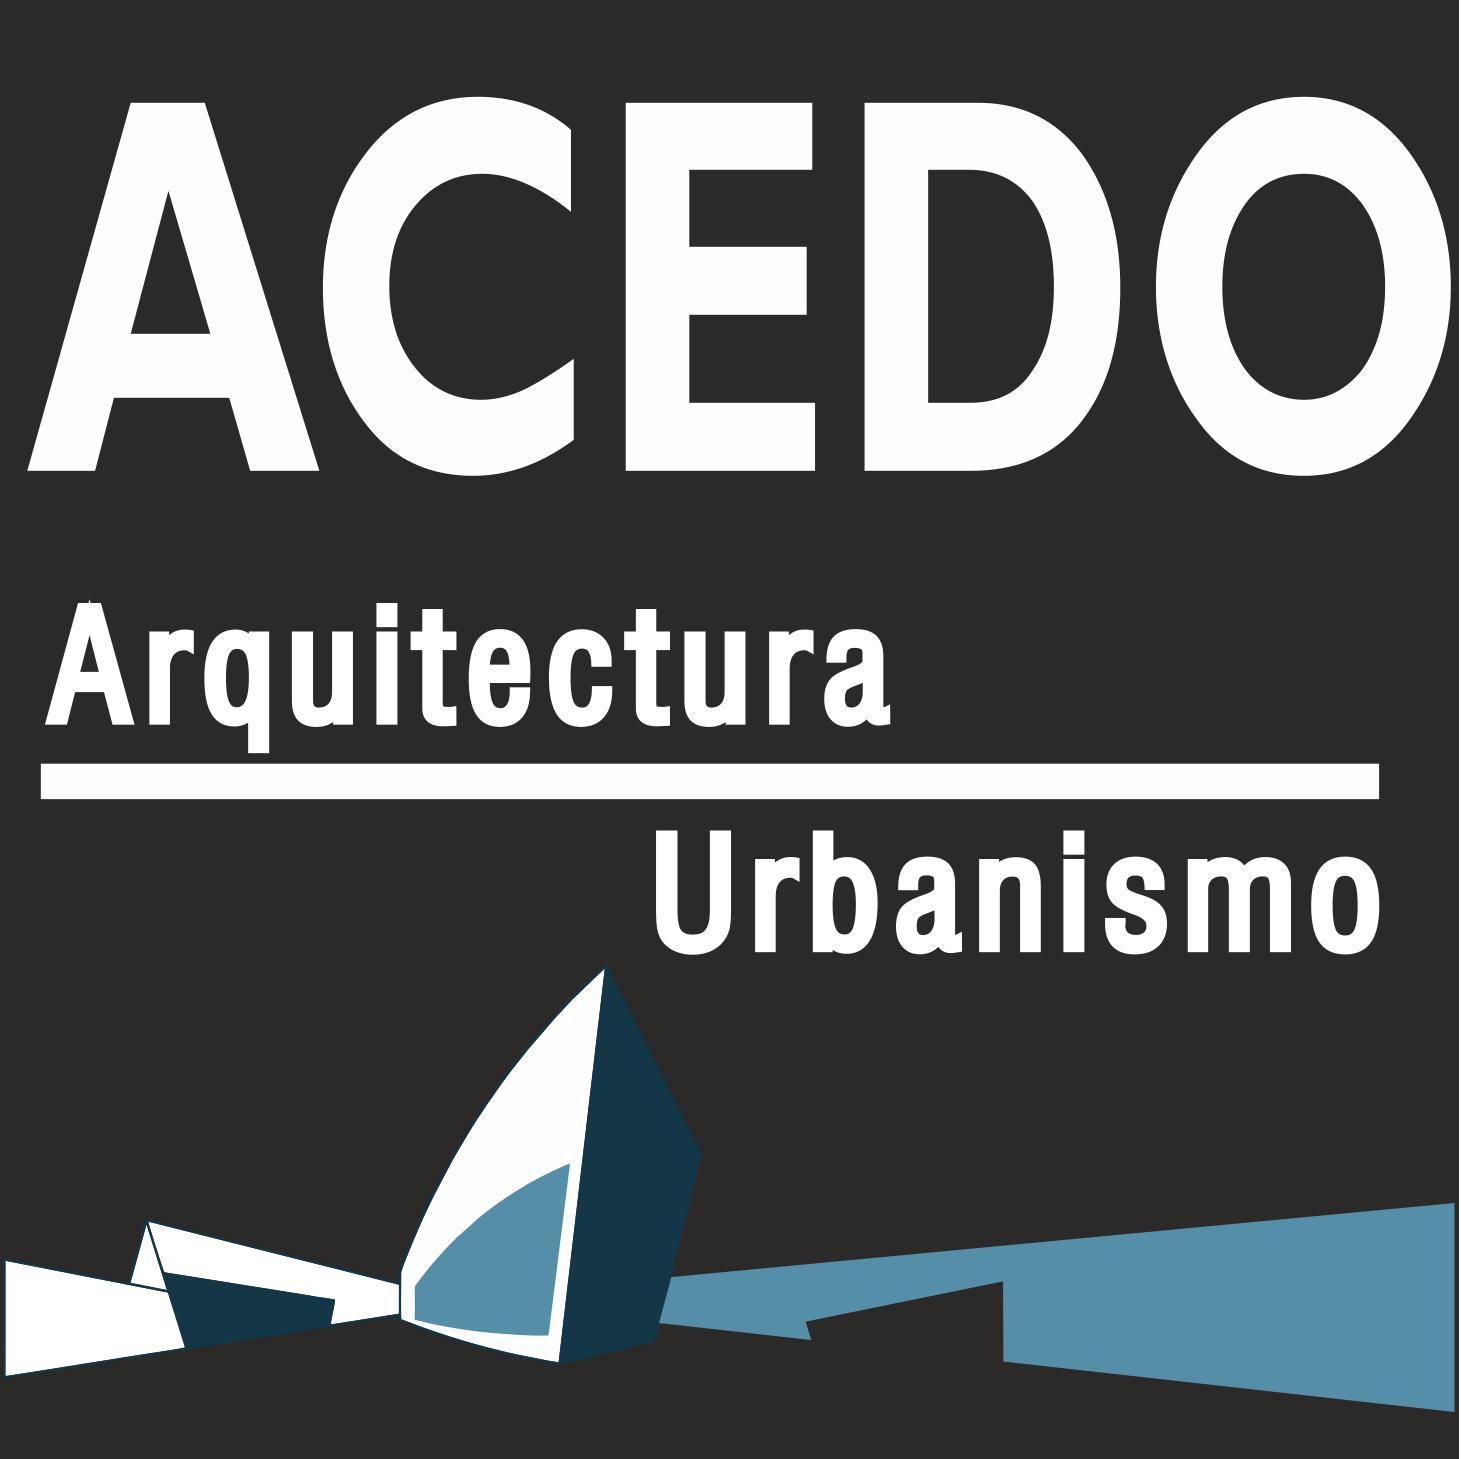 Acedo Arquitectura Y Urbanismo